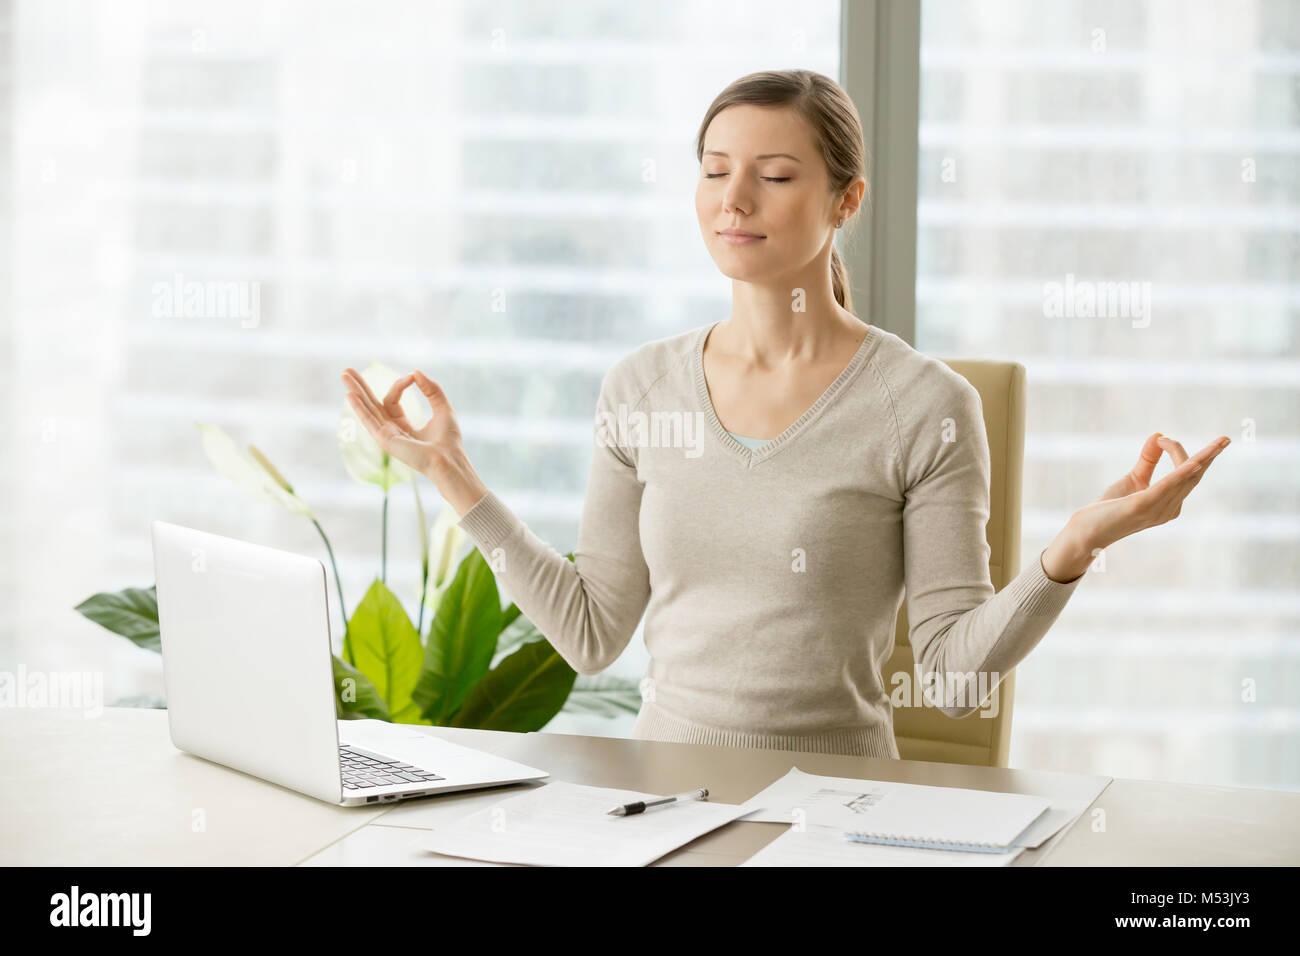 Imprenditrice calma rilassante con la ginnastica del respiro Immagini Stock